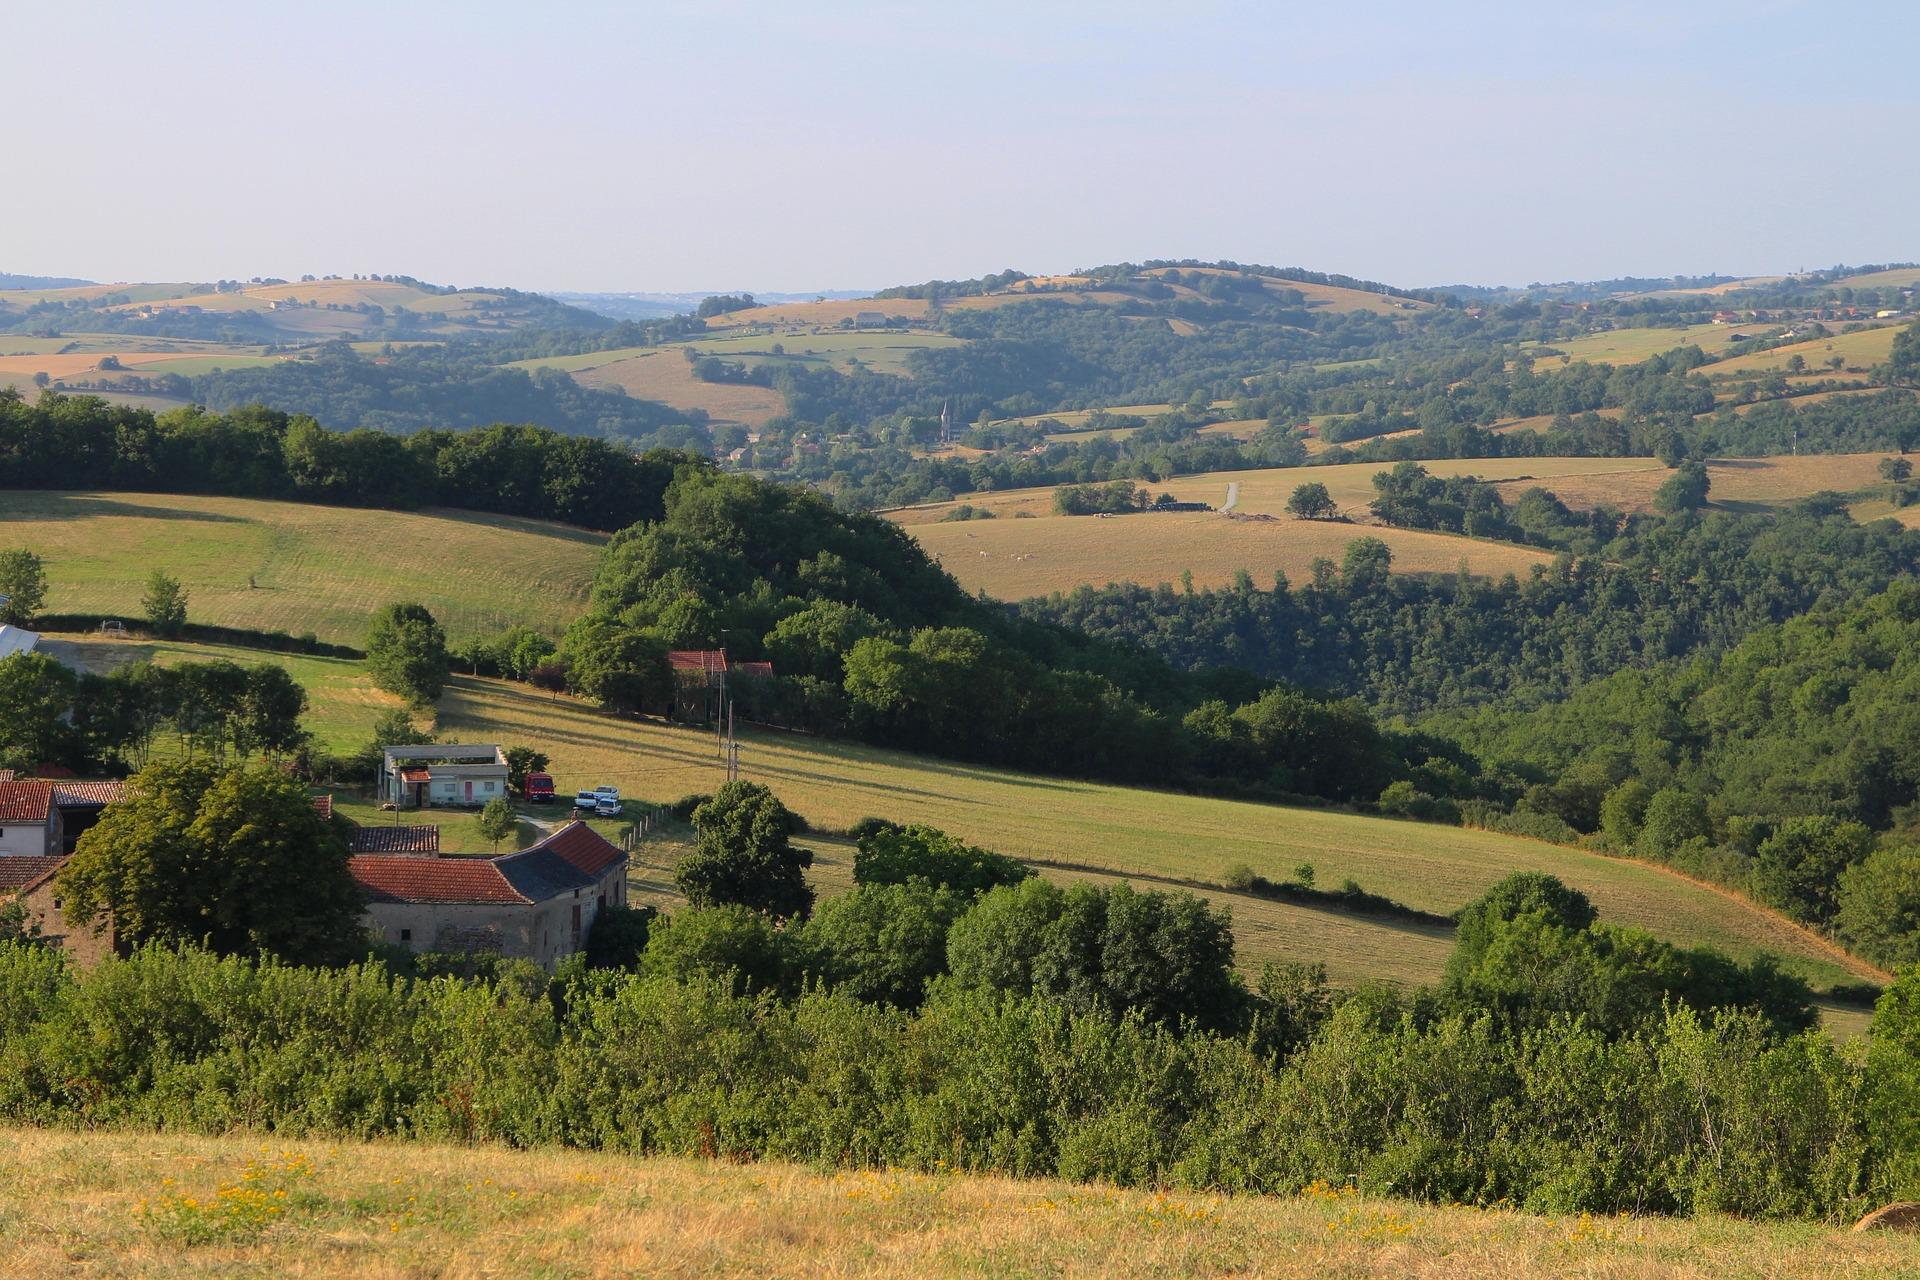 Tarn-Midi-Pyr%C3%A9n%C3%A9es-France-Pixabay.jpg?1540375158